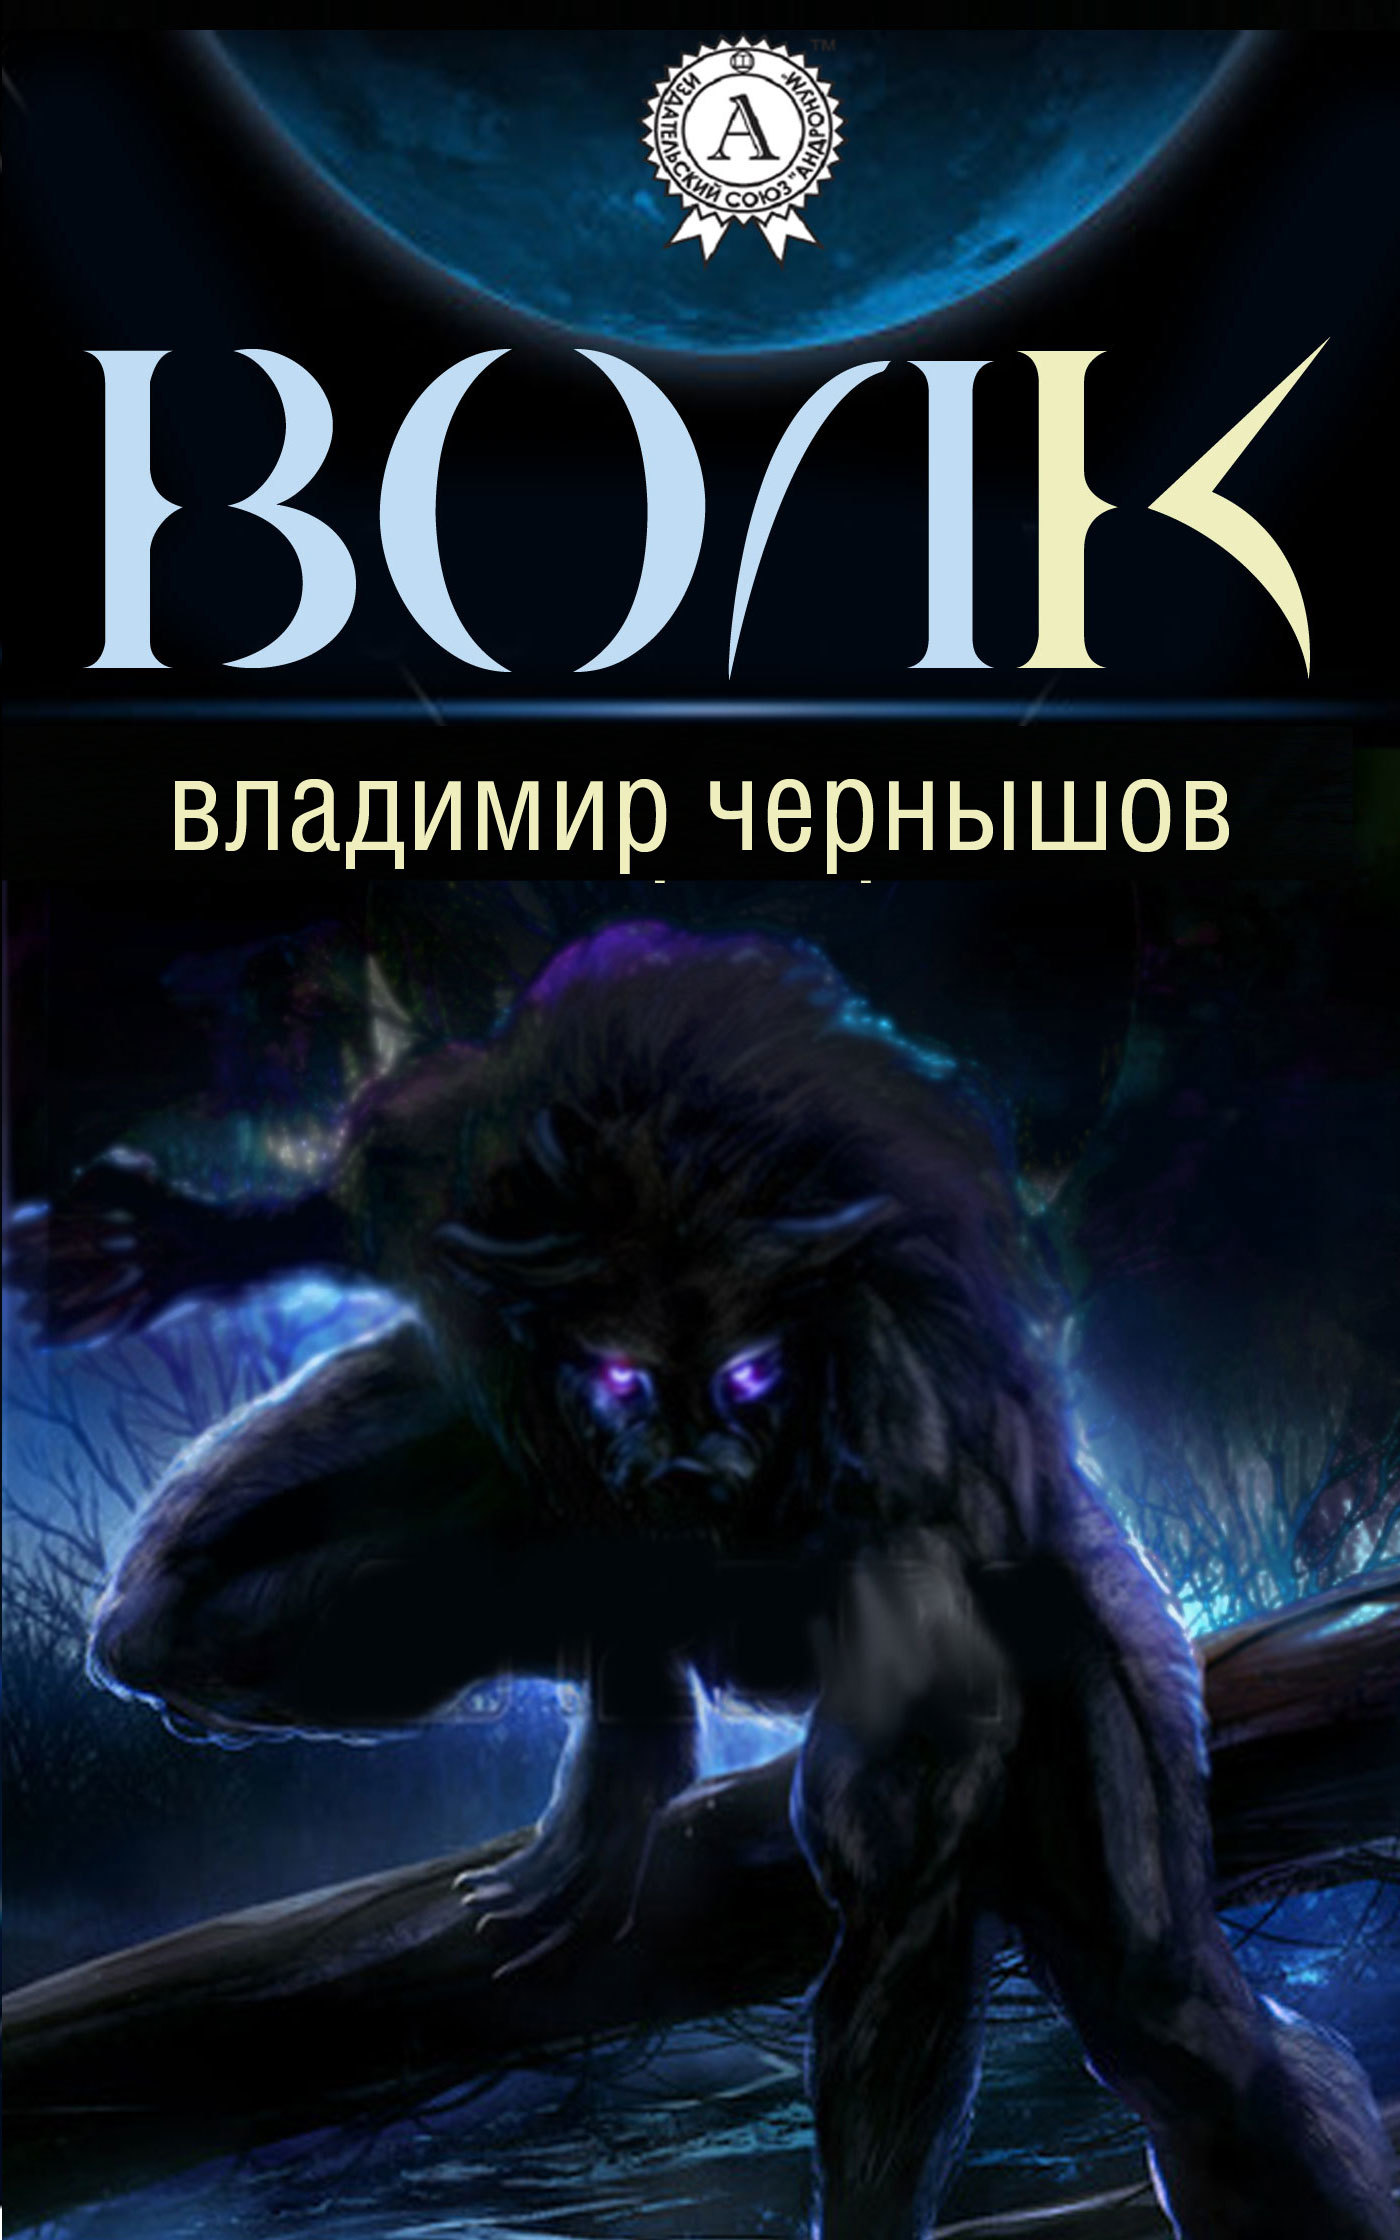 Владимир Чернышов Волк куплю землю под киевом с гнидын